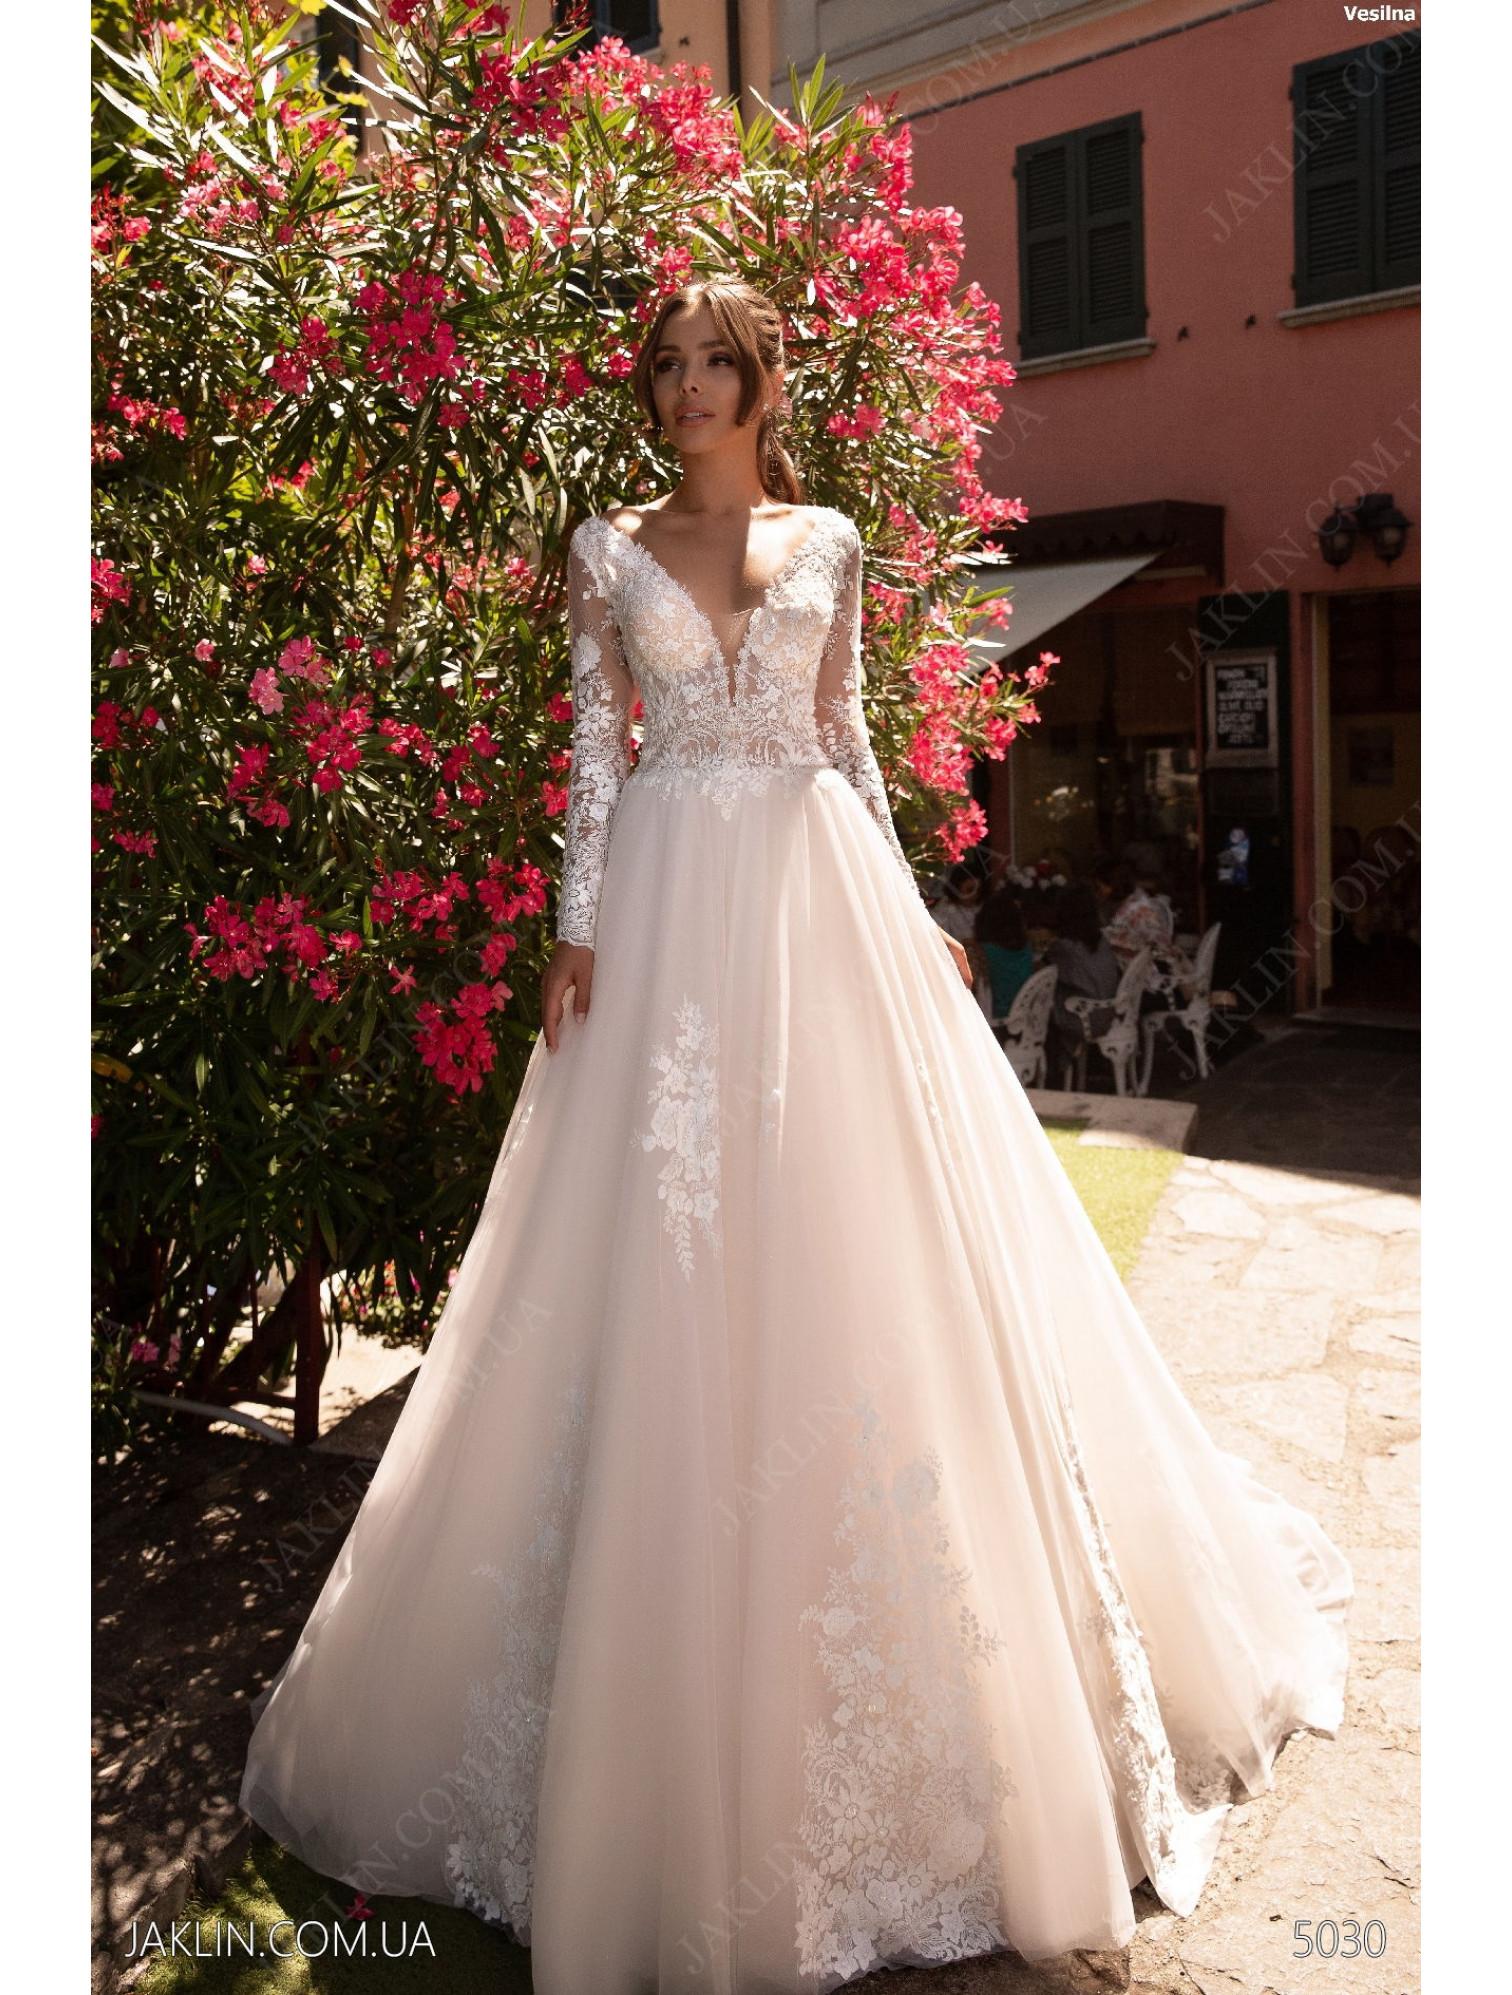 Весільна сукня 5030